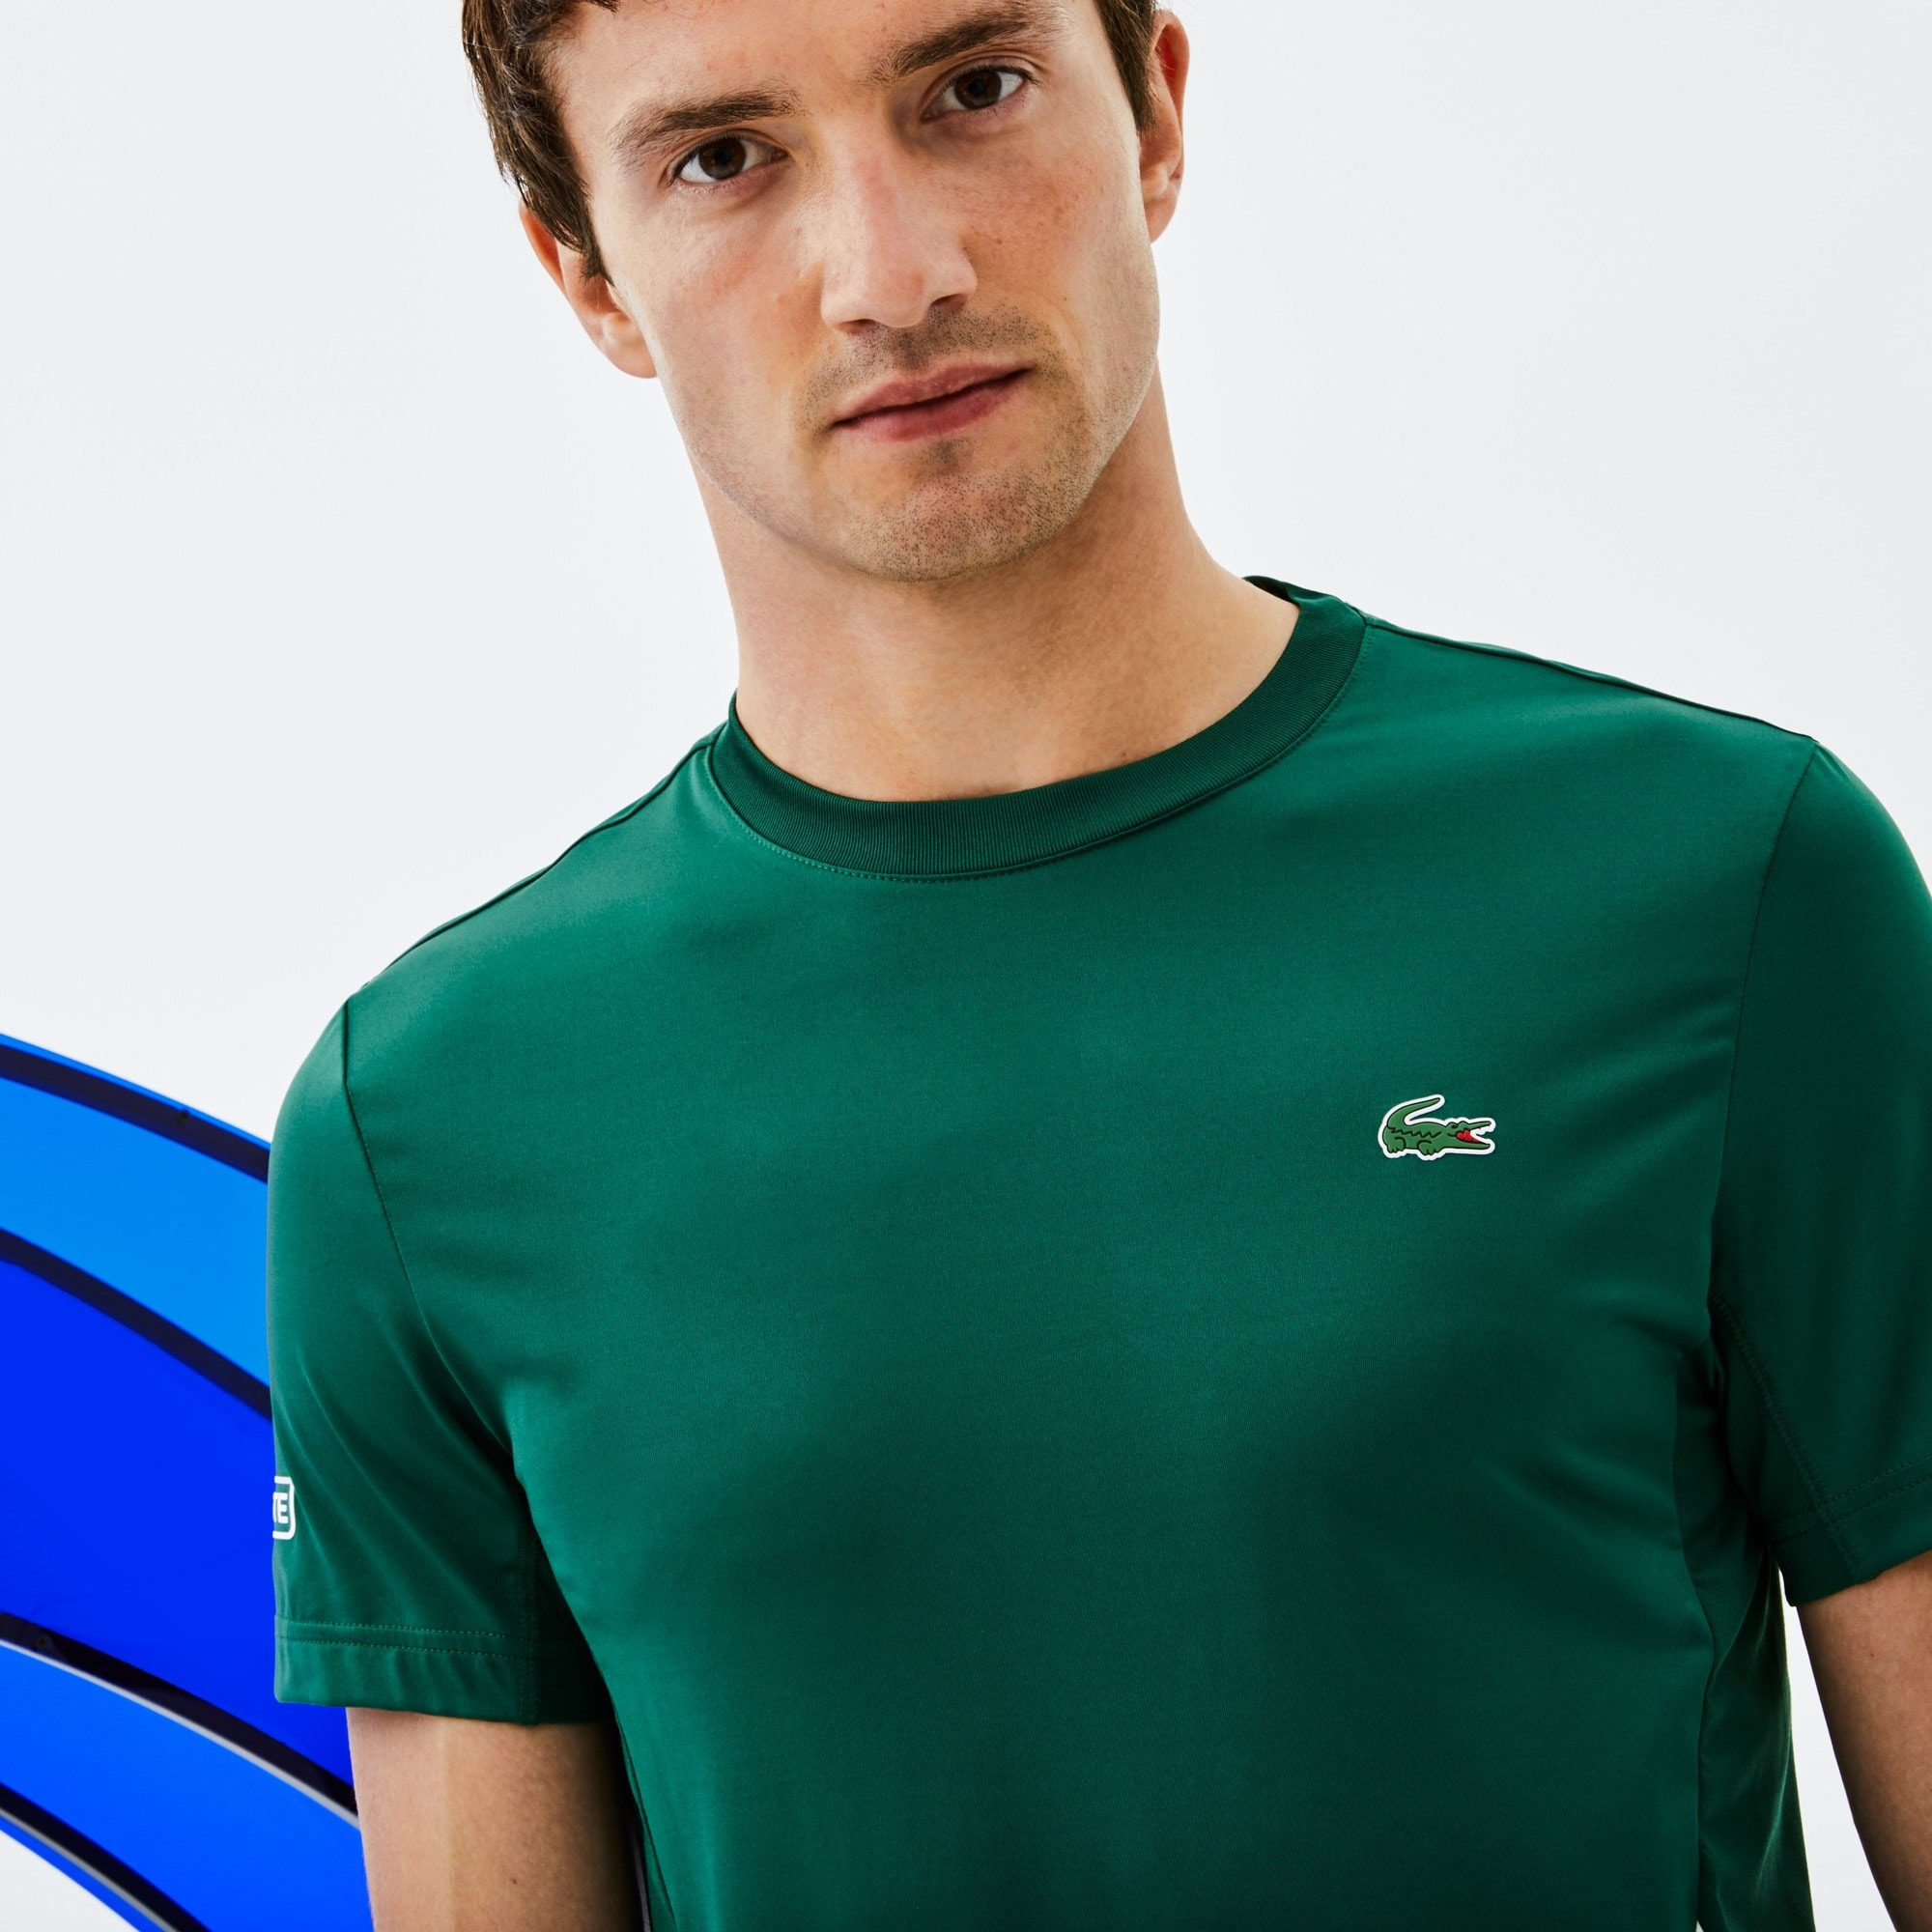 Herren LACOSTE SPORT Rundhals-T-Shirt aus Jersey mit Stretch